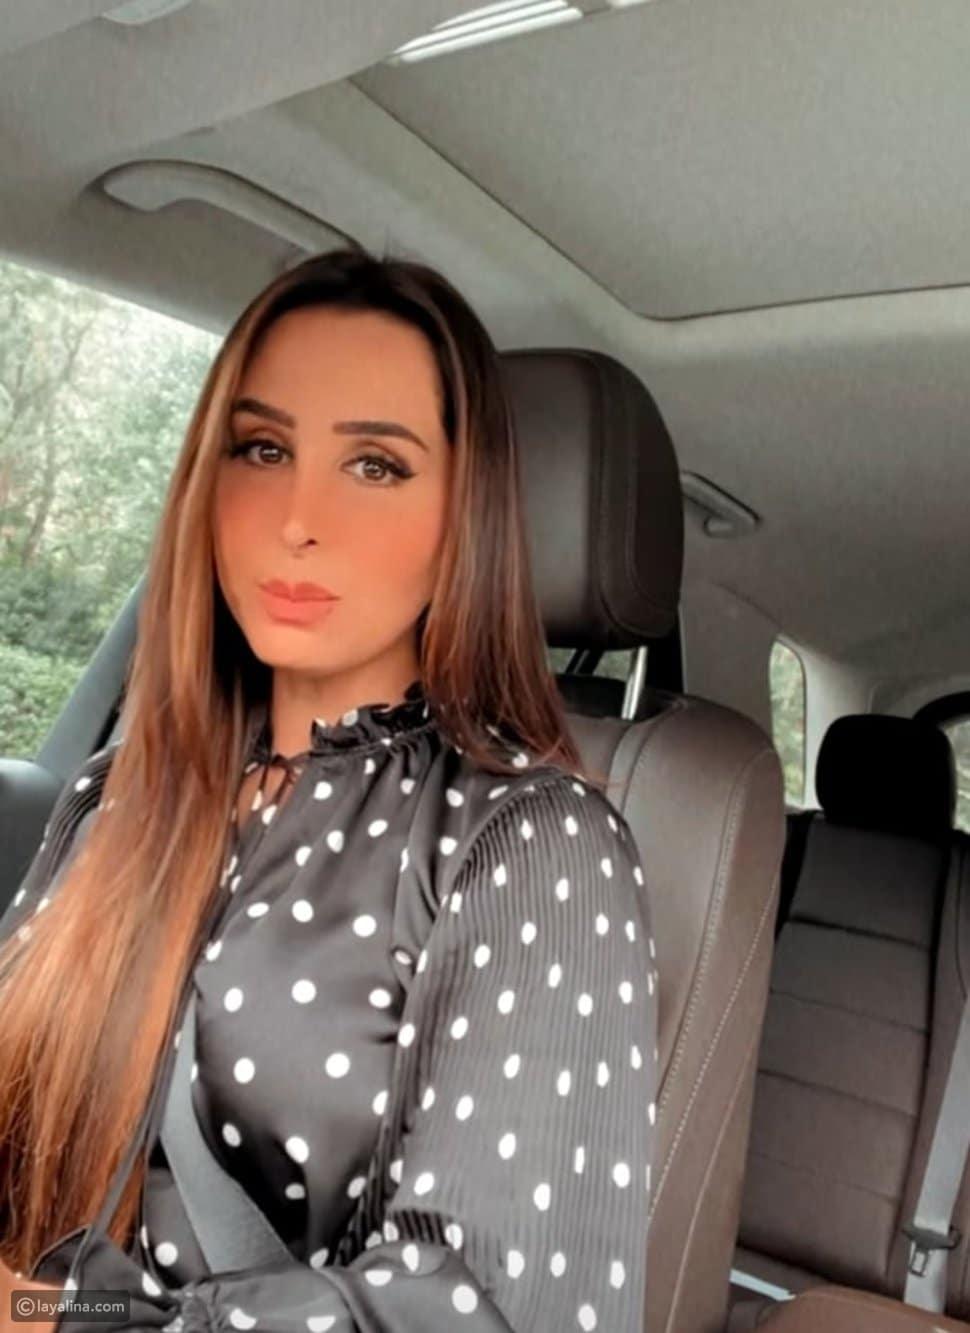 هند القحطاني تقول انها هي من خلعت زوجها